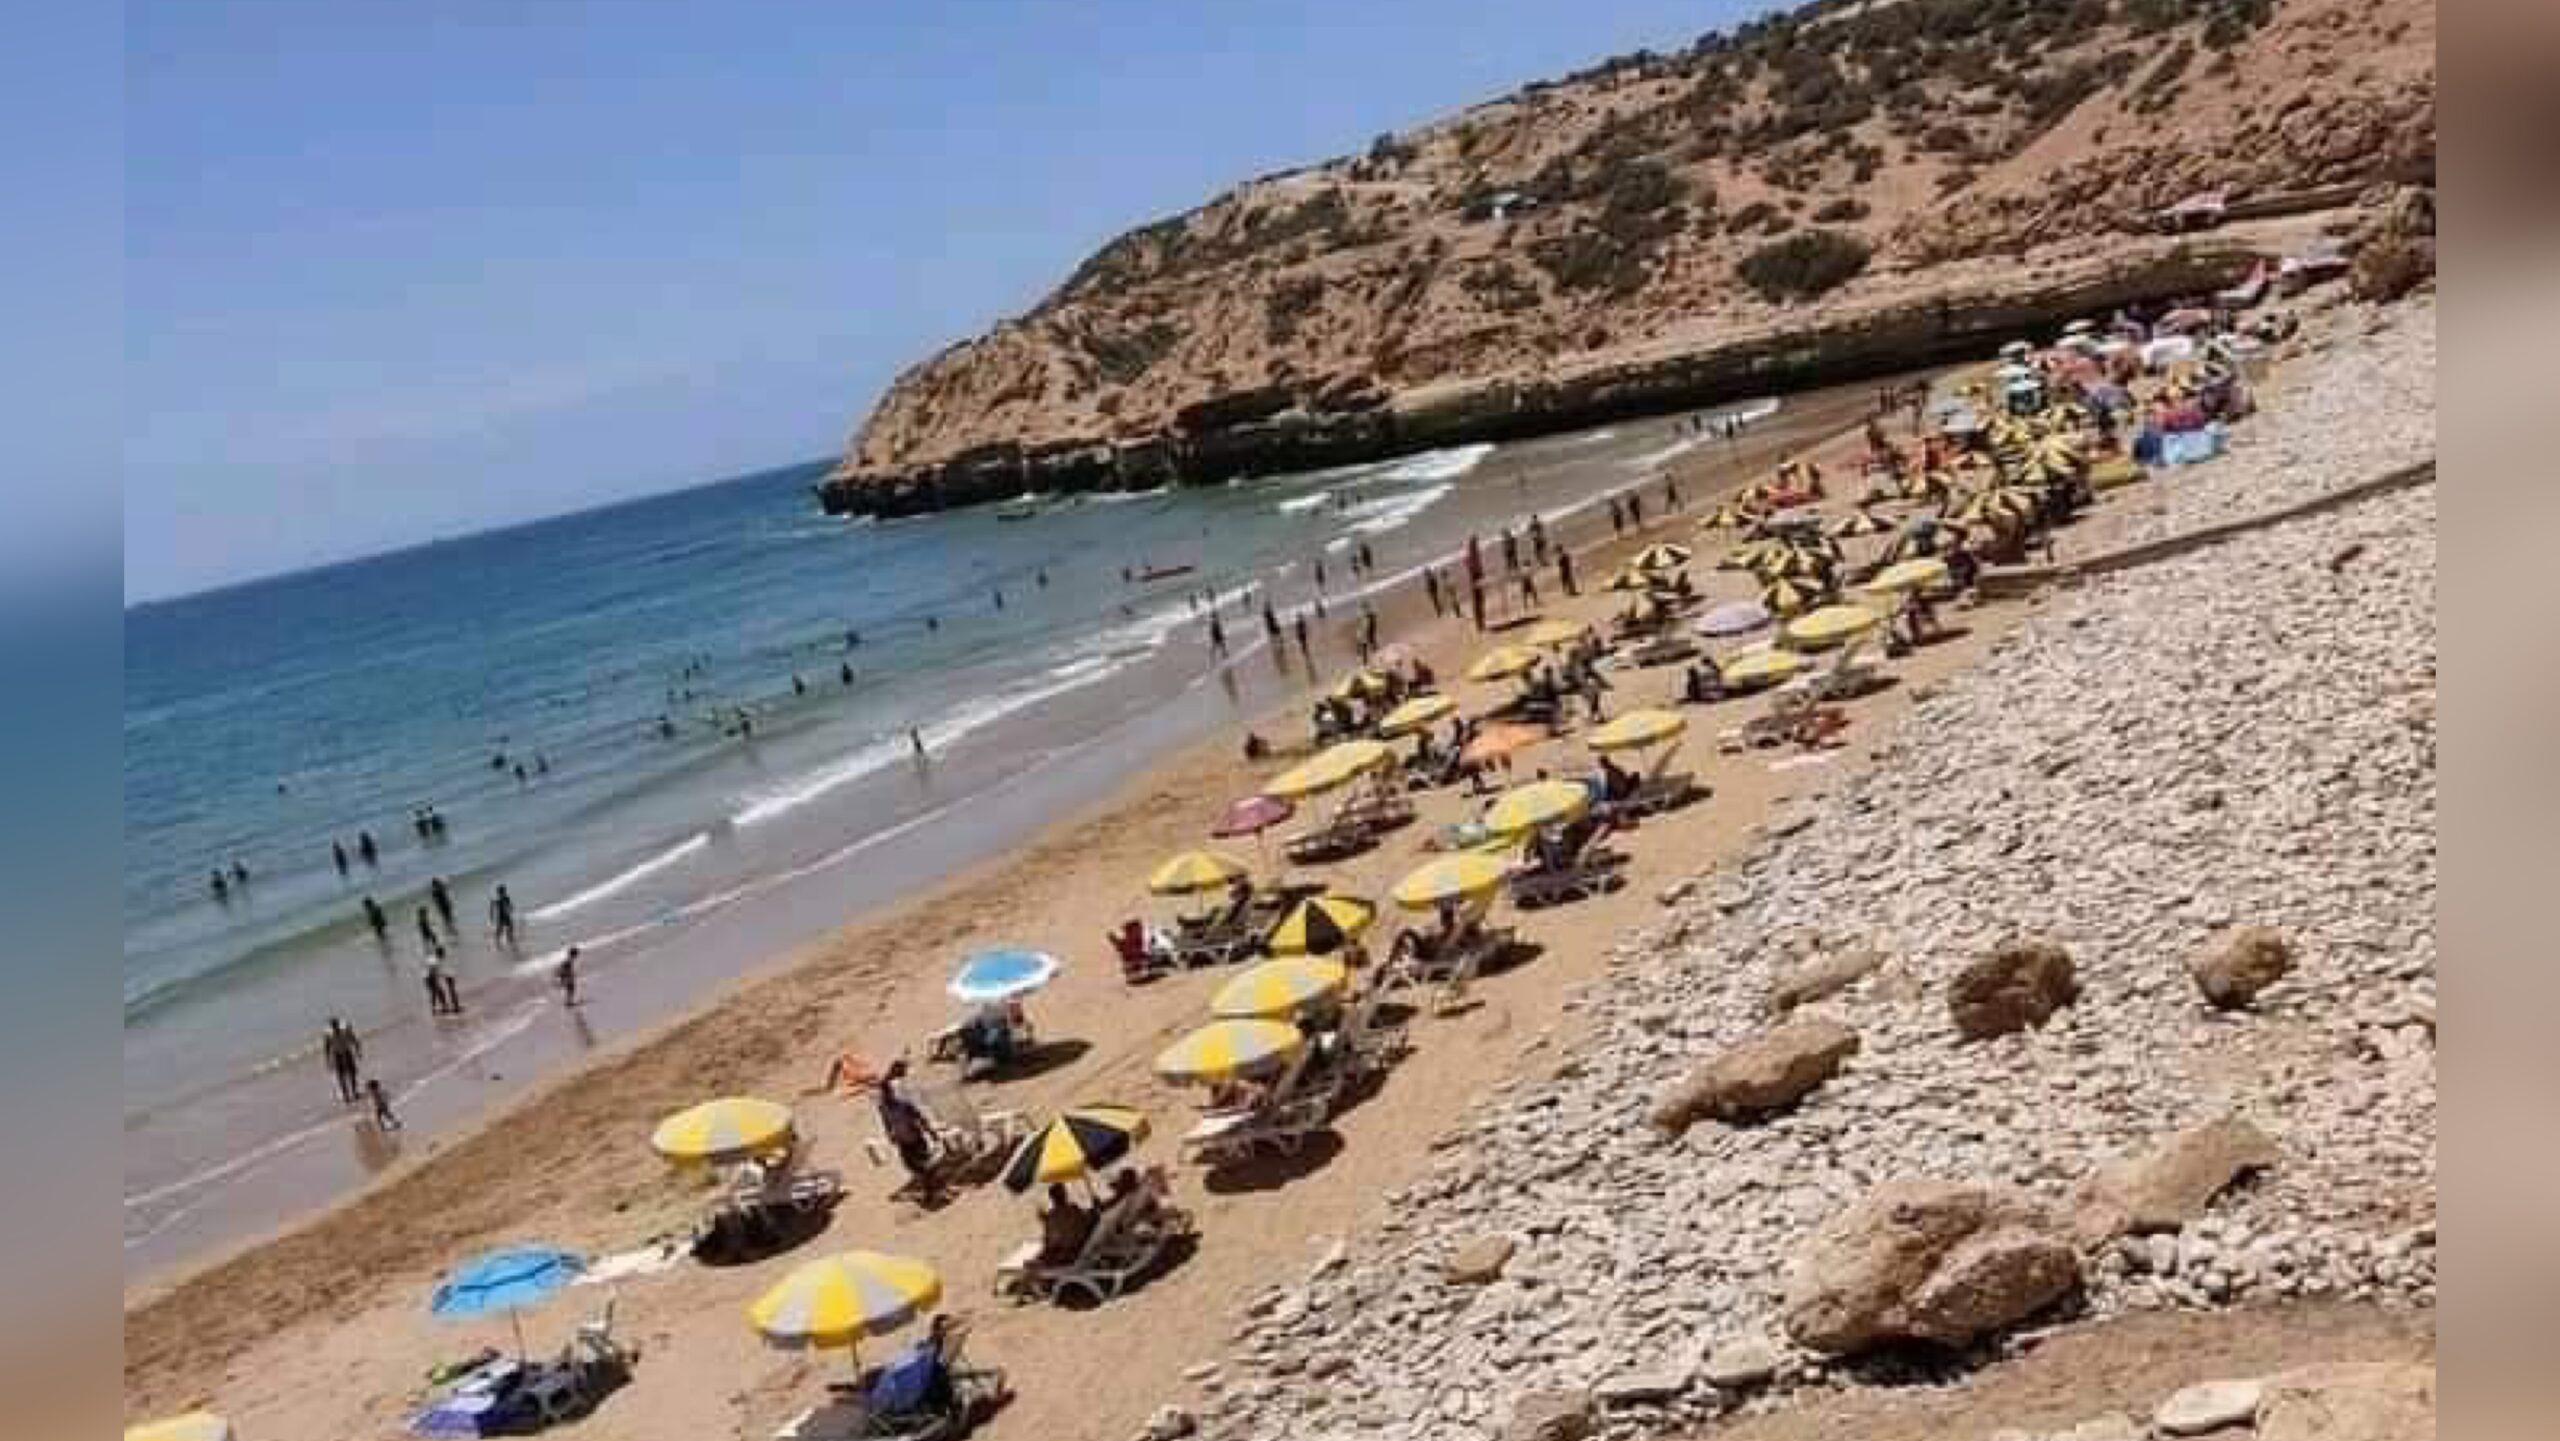 صورة مطالب بحماية المصطافين من ابتزاز أصحاب المظلات الشمسية والكراسي